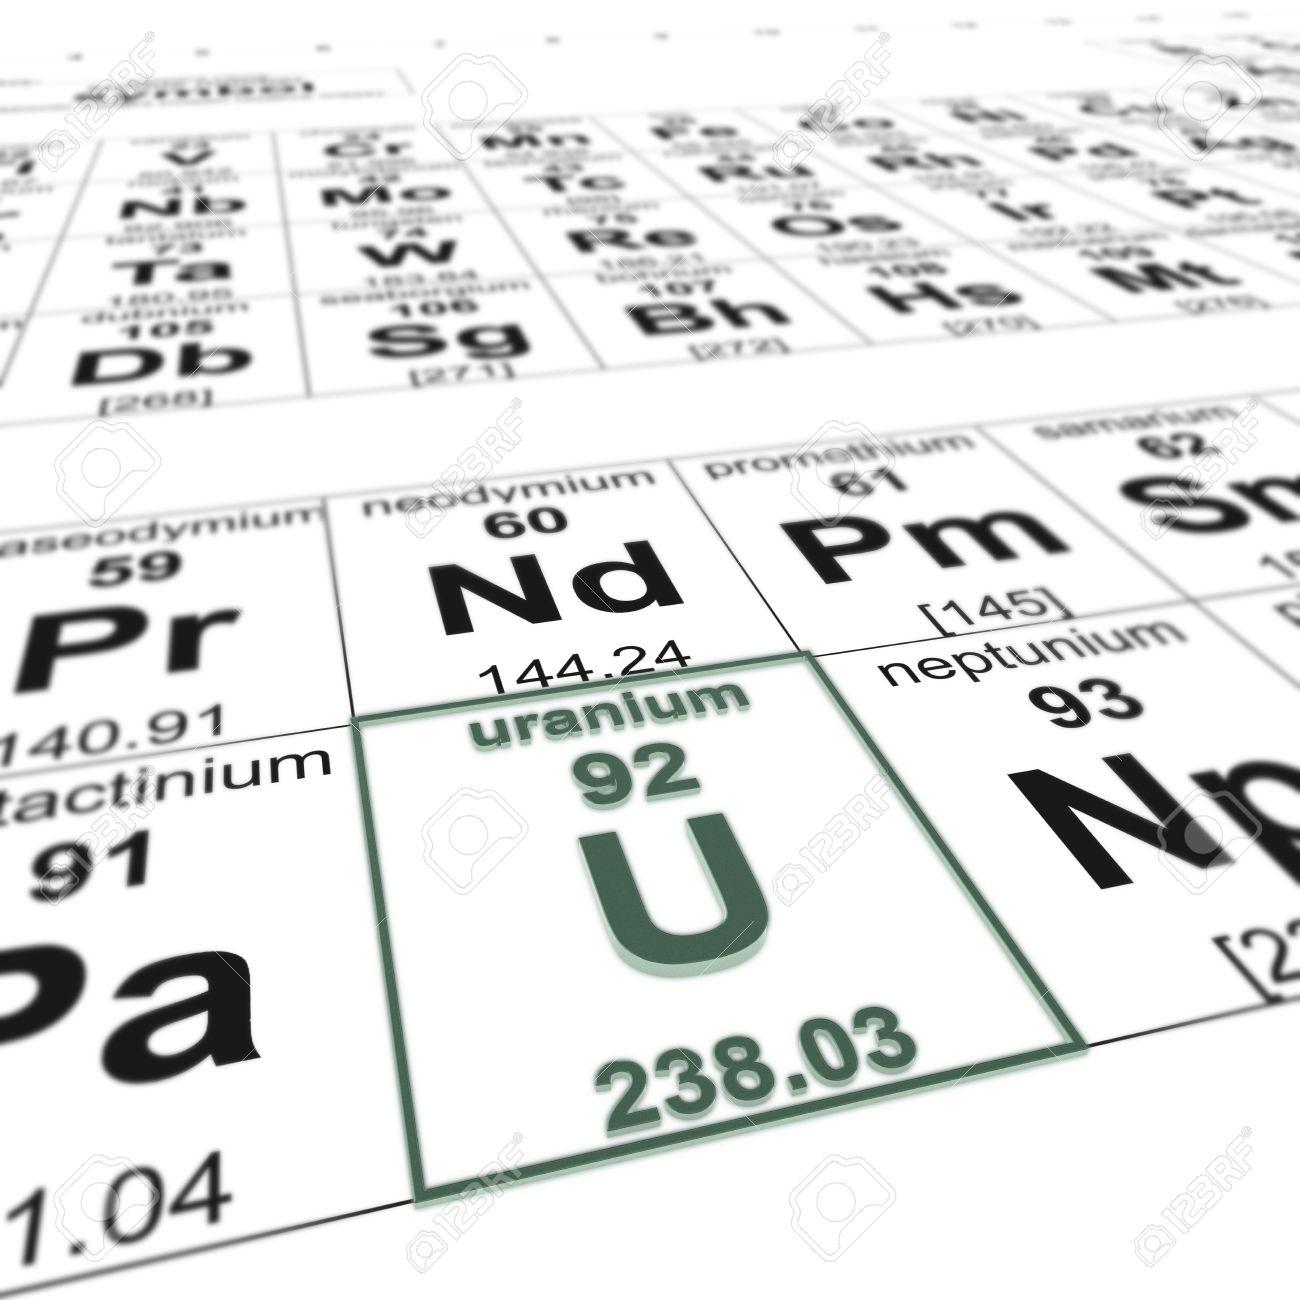 periodic table of elements focused on uranium stock photo 20109196 - Periodic Table Of Elements Uranium